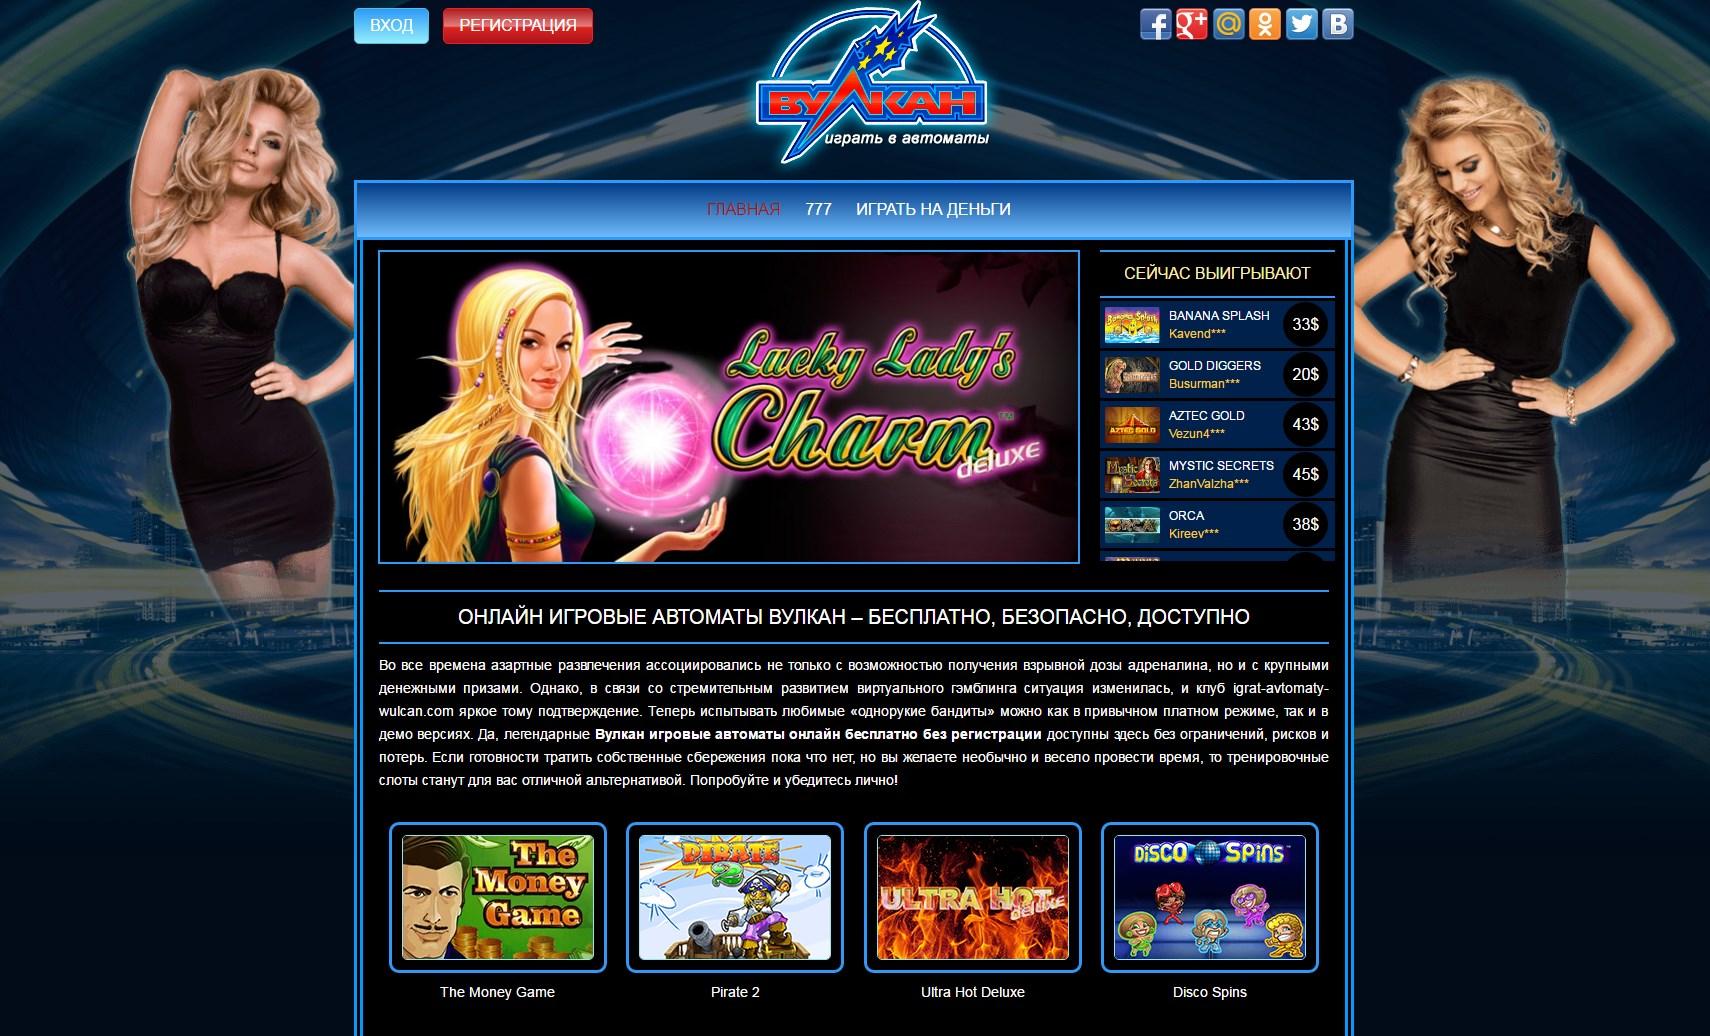 vulcan casino играть демо бесплатно